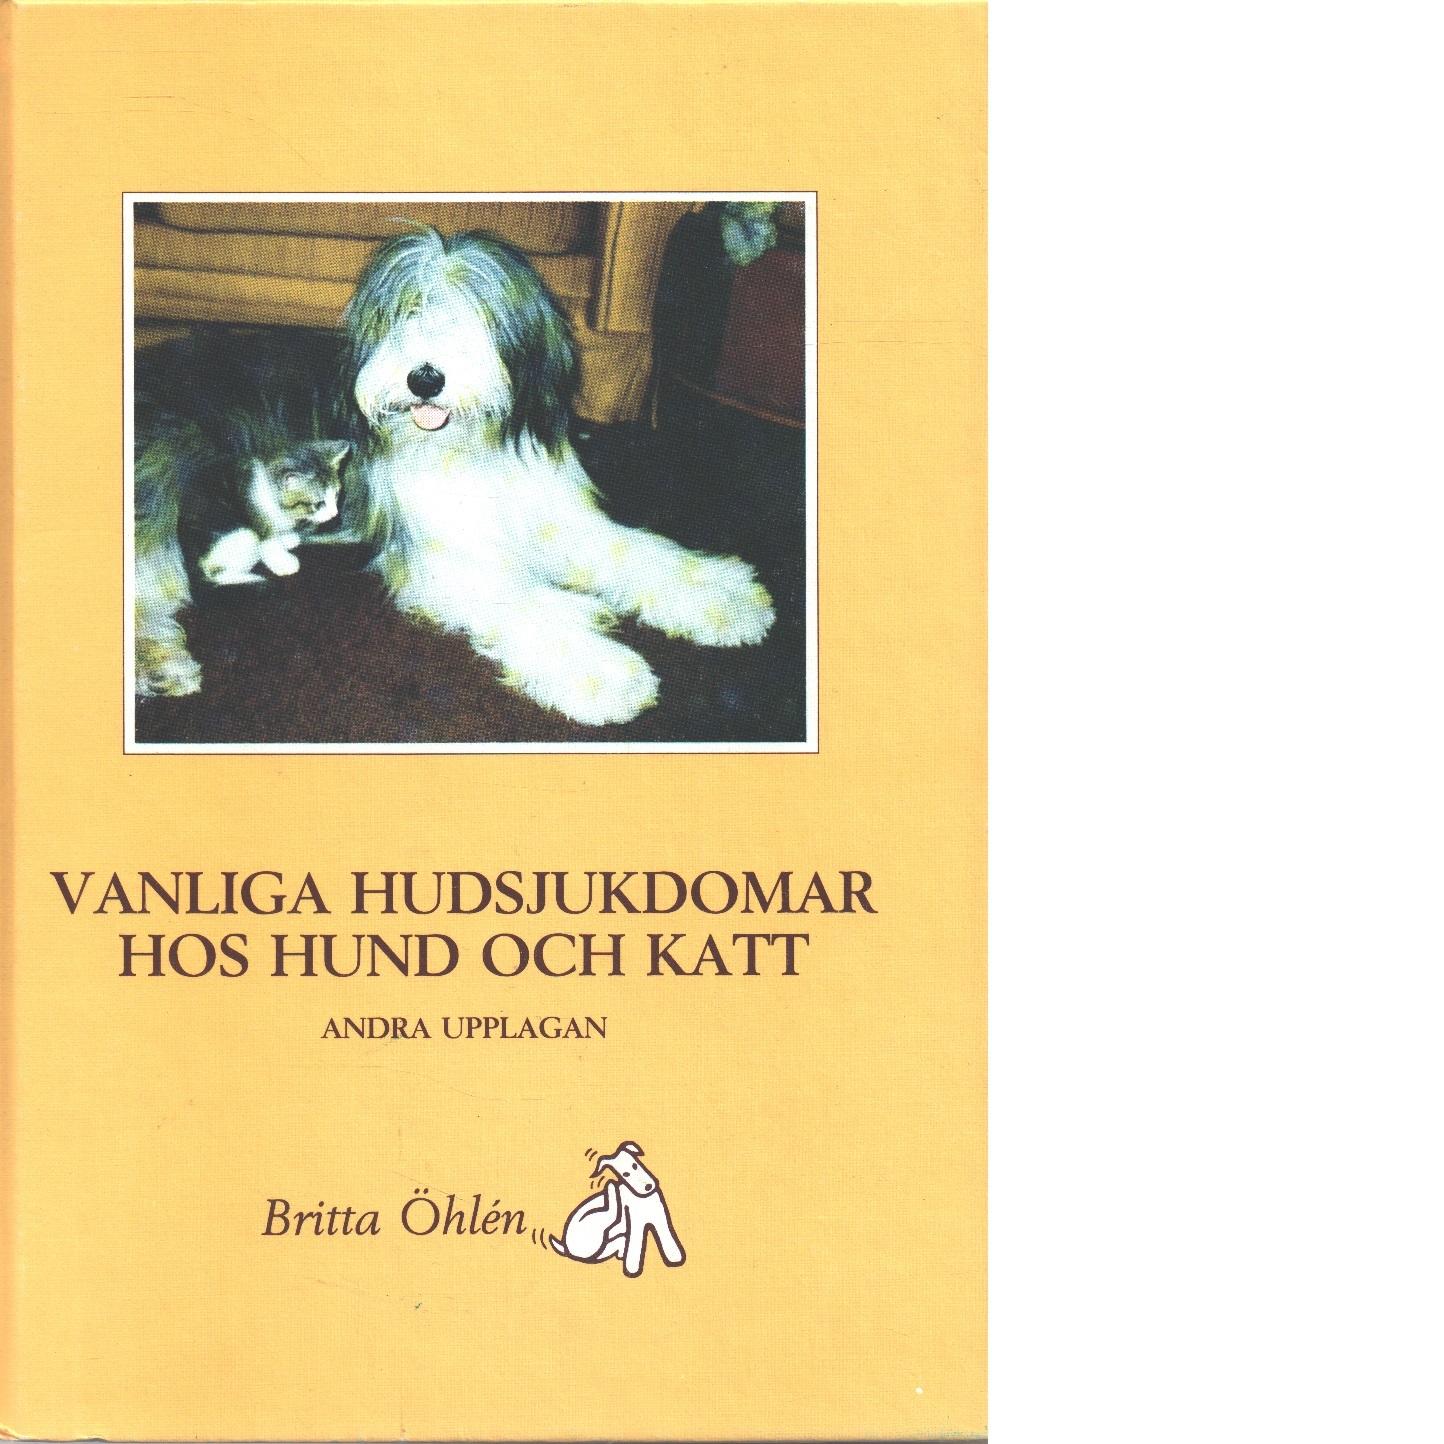 Vanliga hudsjukdomar hos hund och katt - Öhlén, Britt